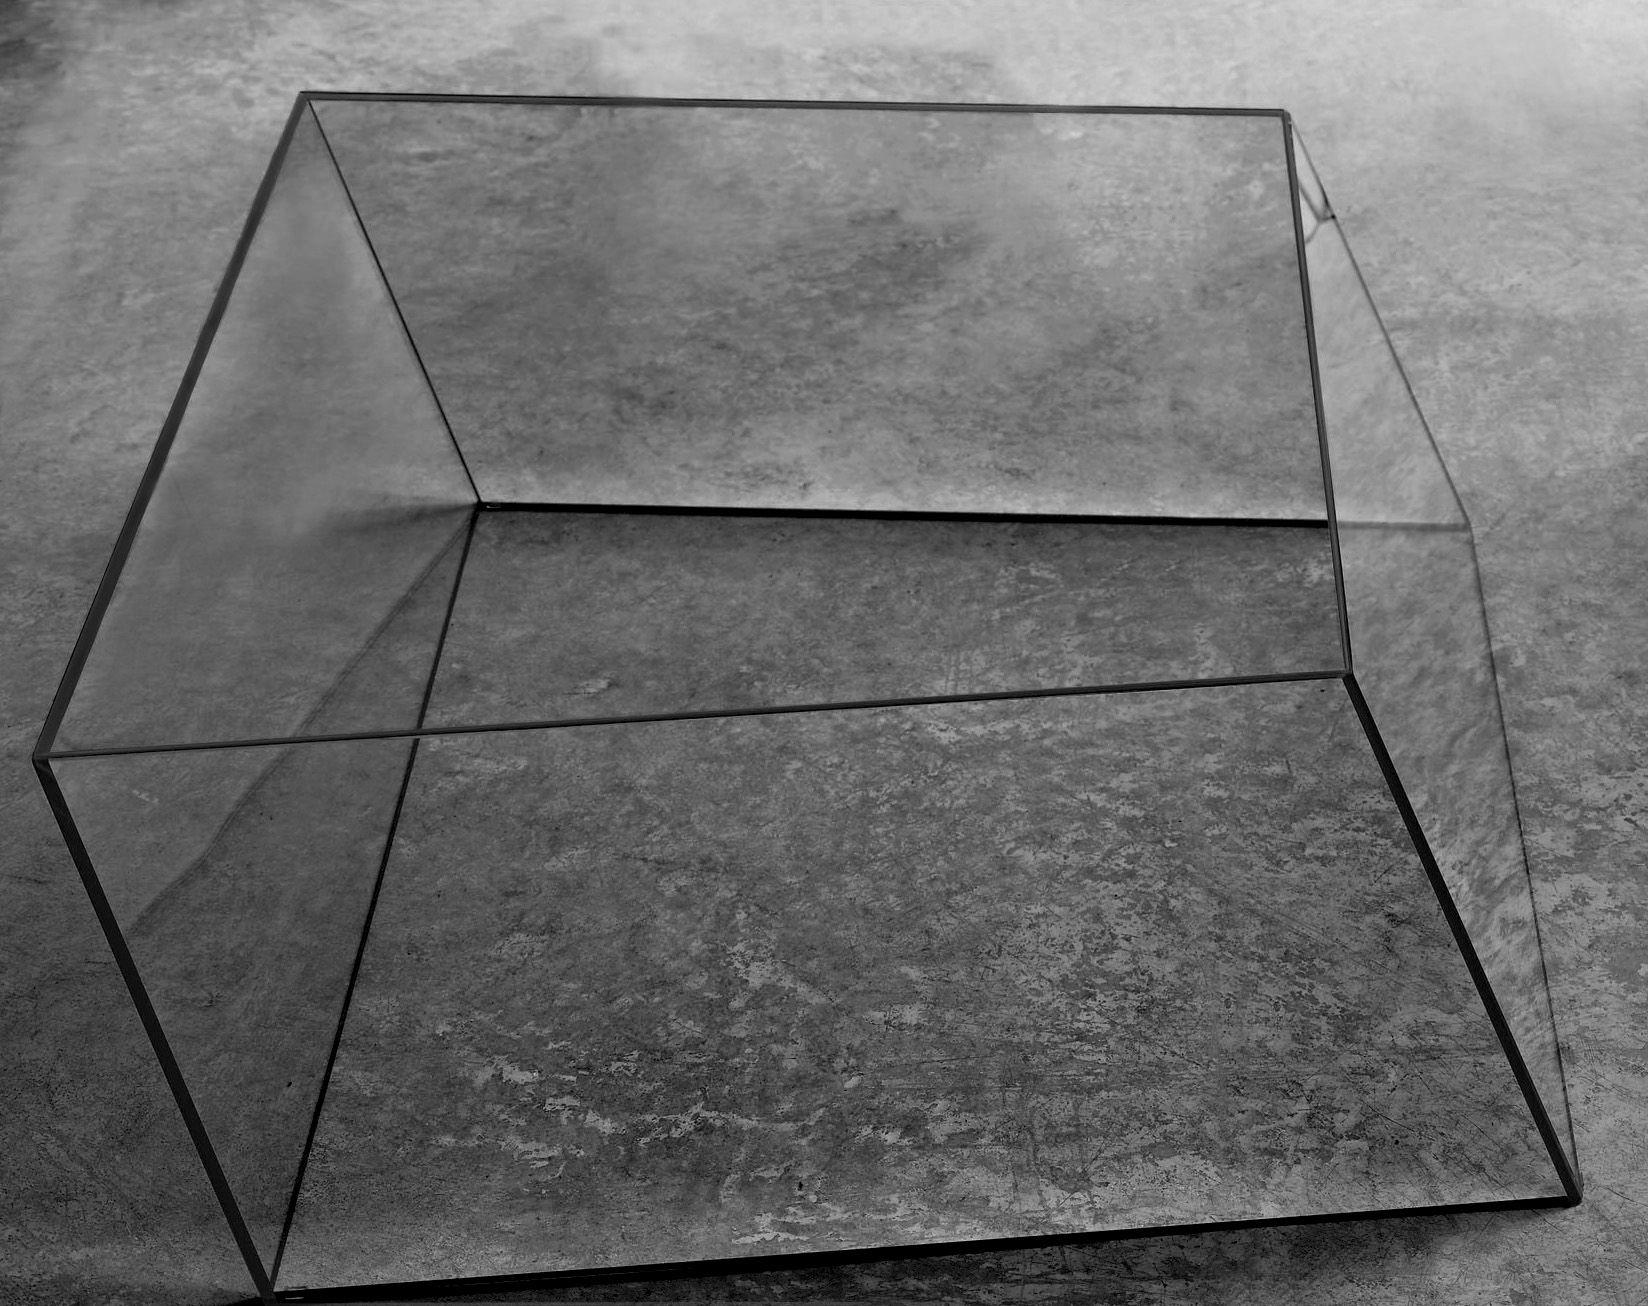 Möbel - Couchtische - Wireframe Couchtisch 75 x 87 cm - Glas Italia - Transparent - schwarze Kanten - Cristal trempé